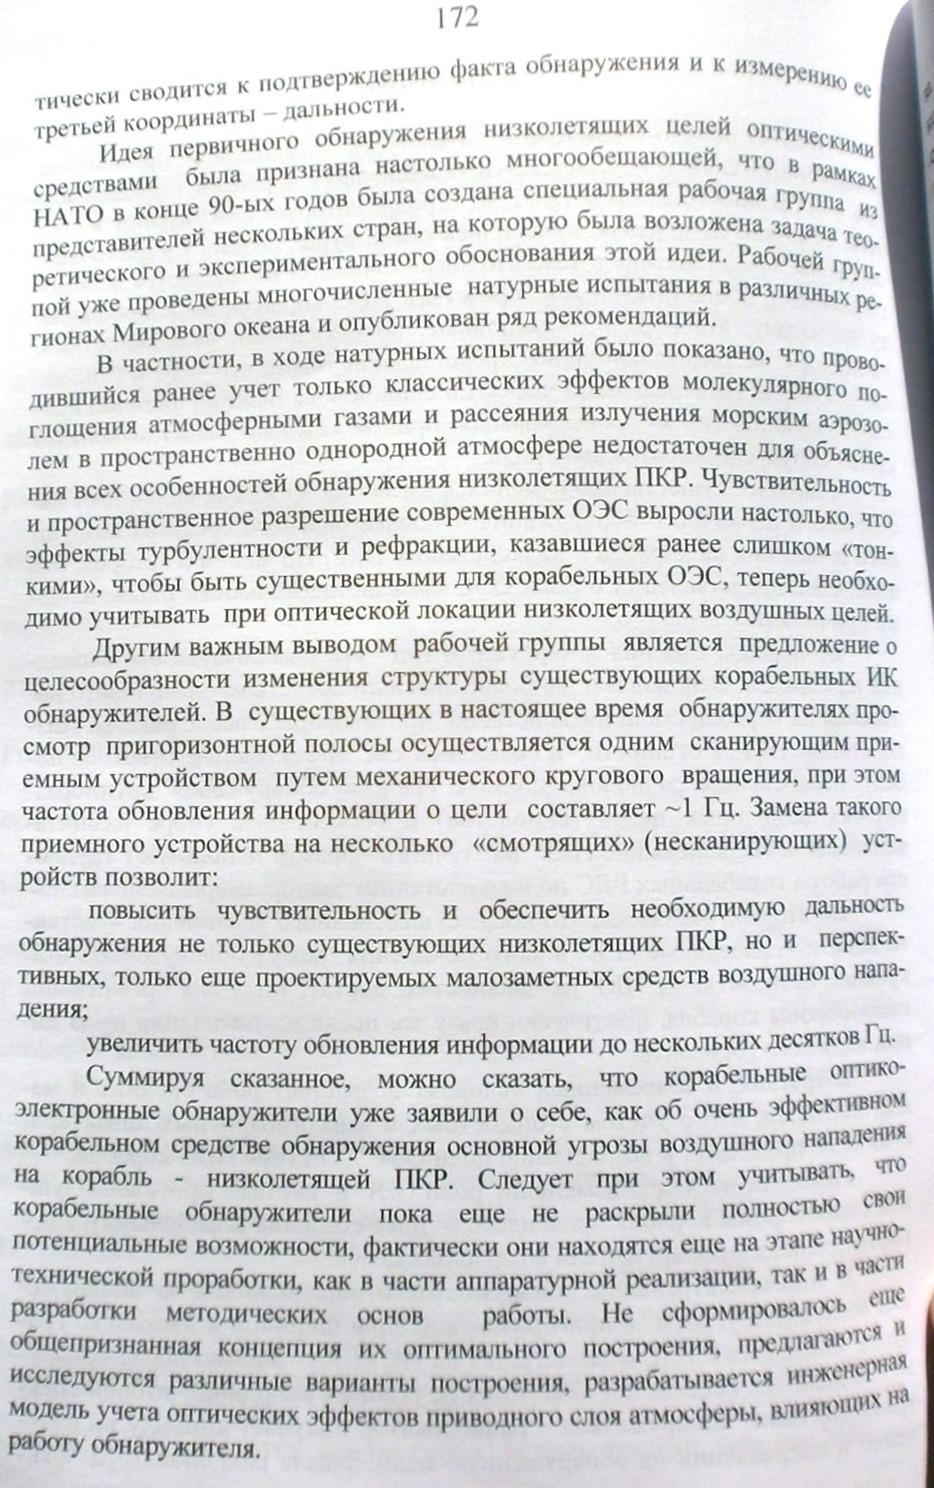 http://sg.uploads.ru/eKTdP.jpg